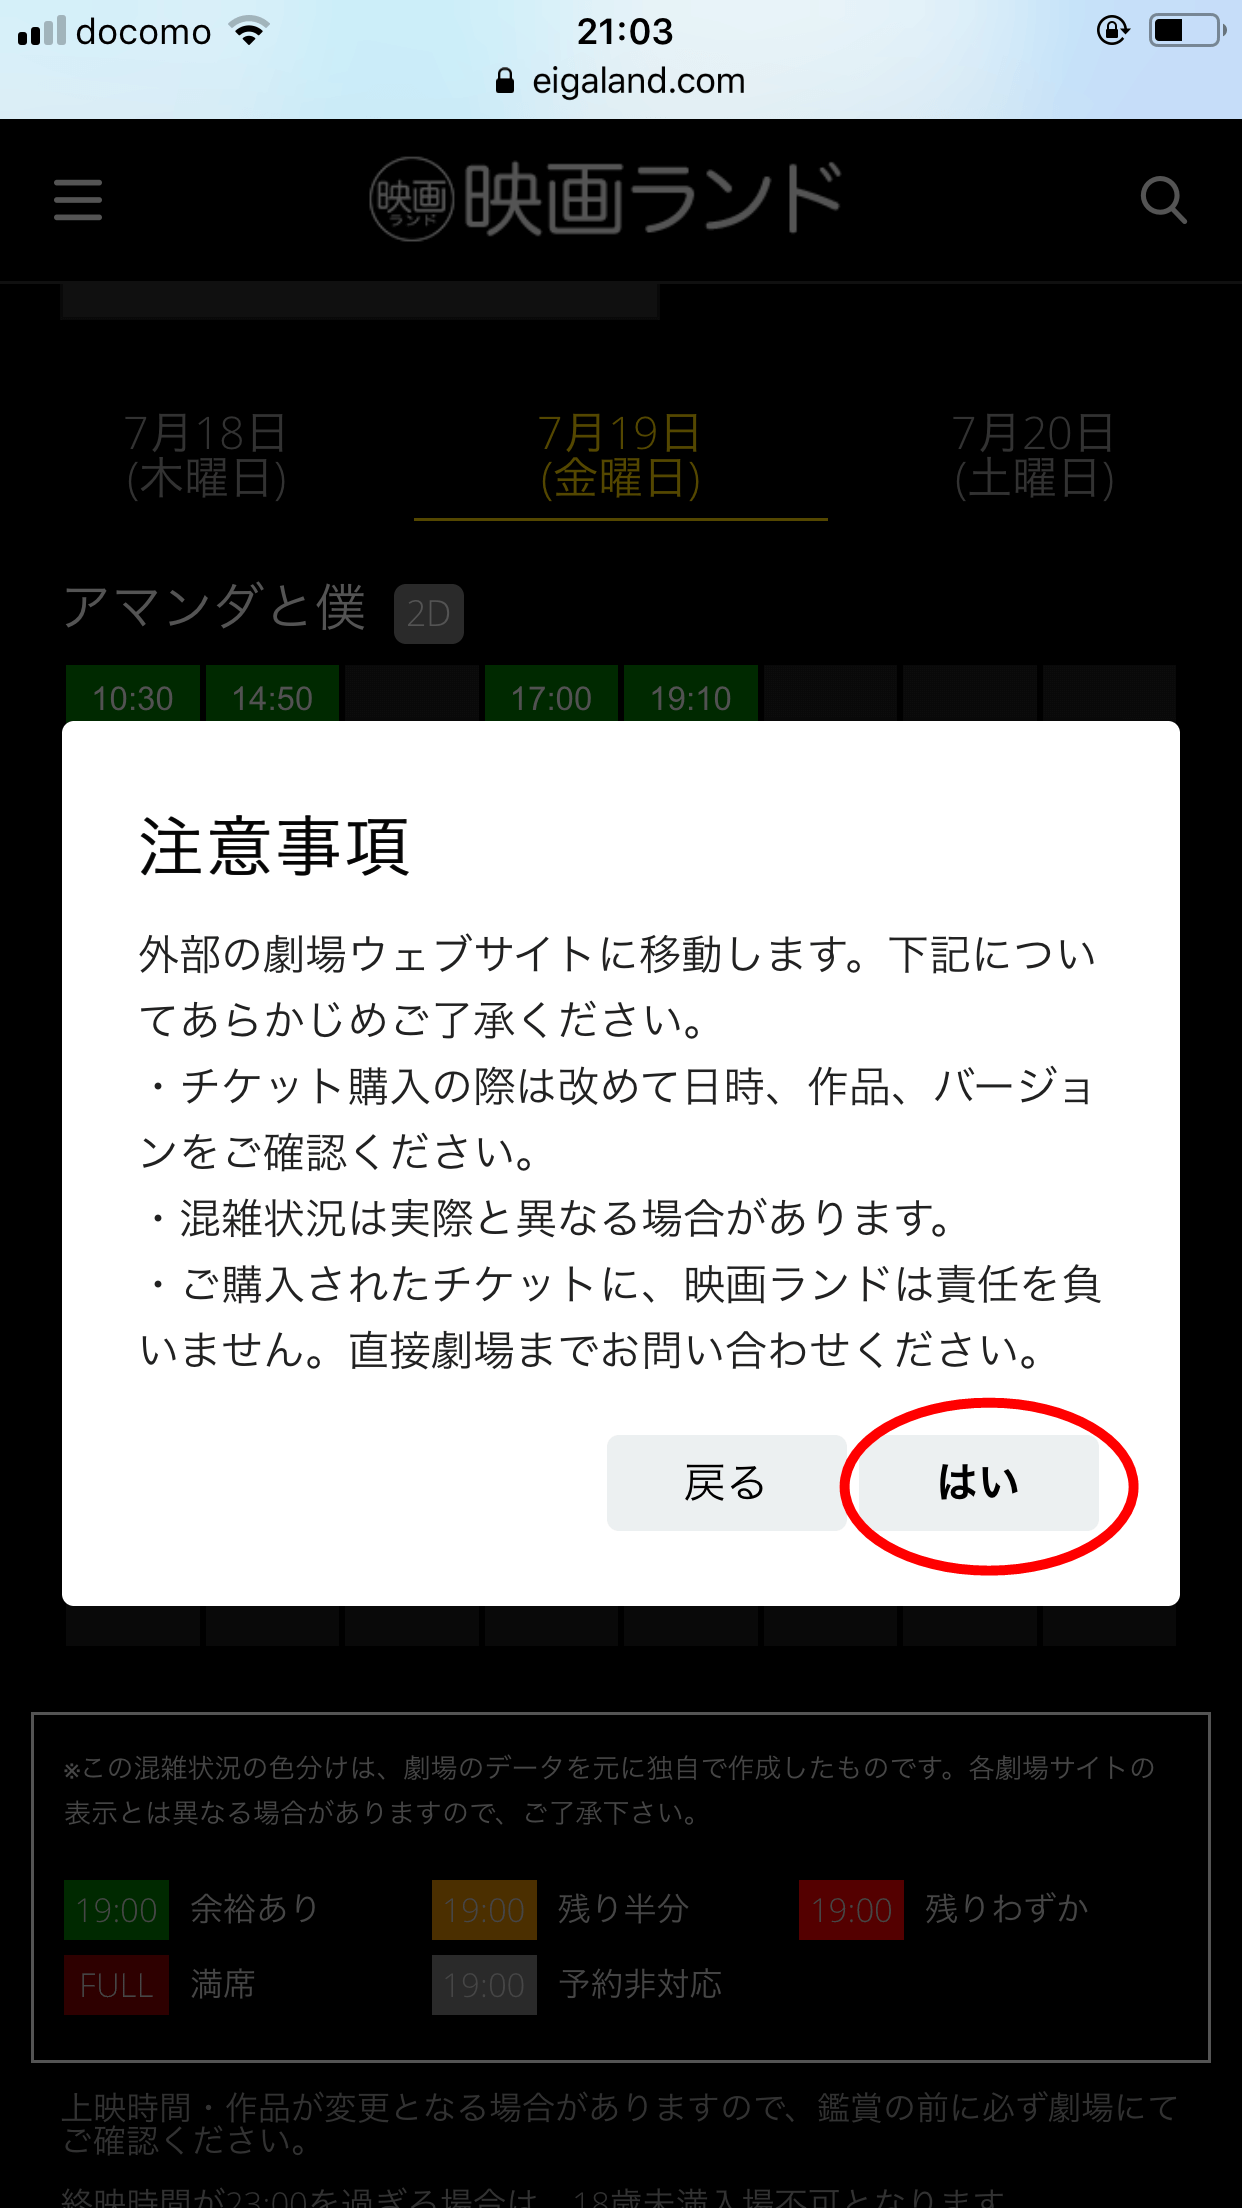 シネスイッチ銀座上映レディースデイ何曜日